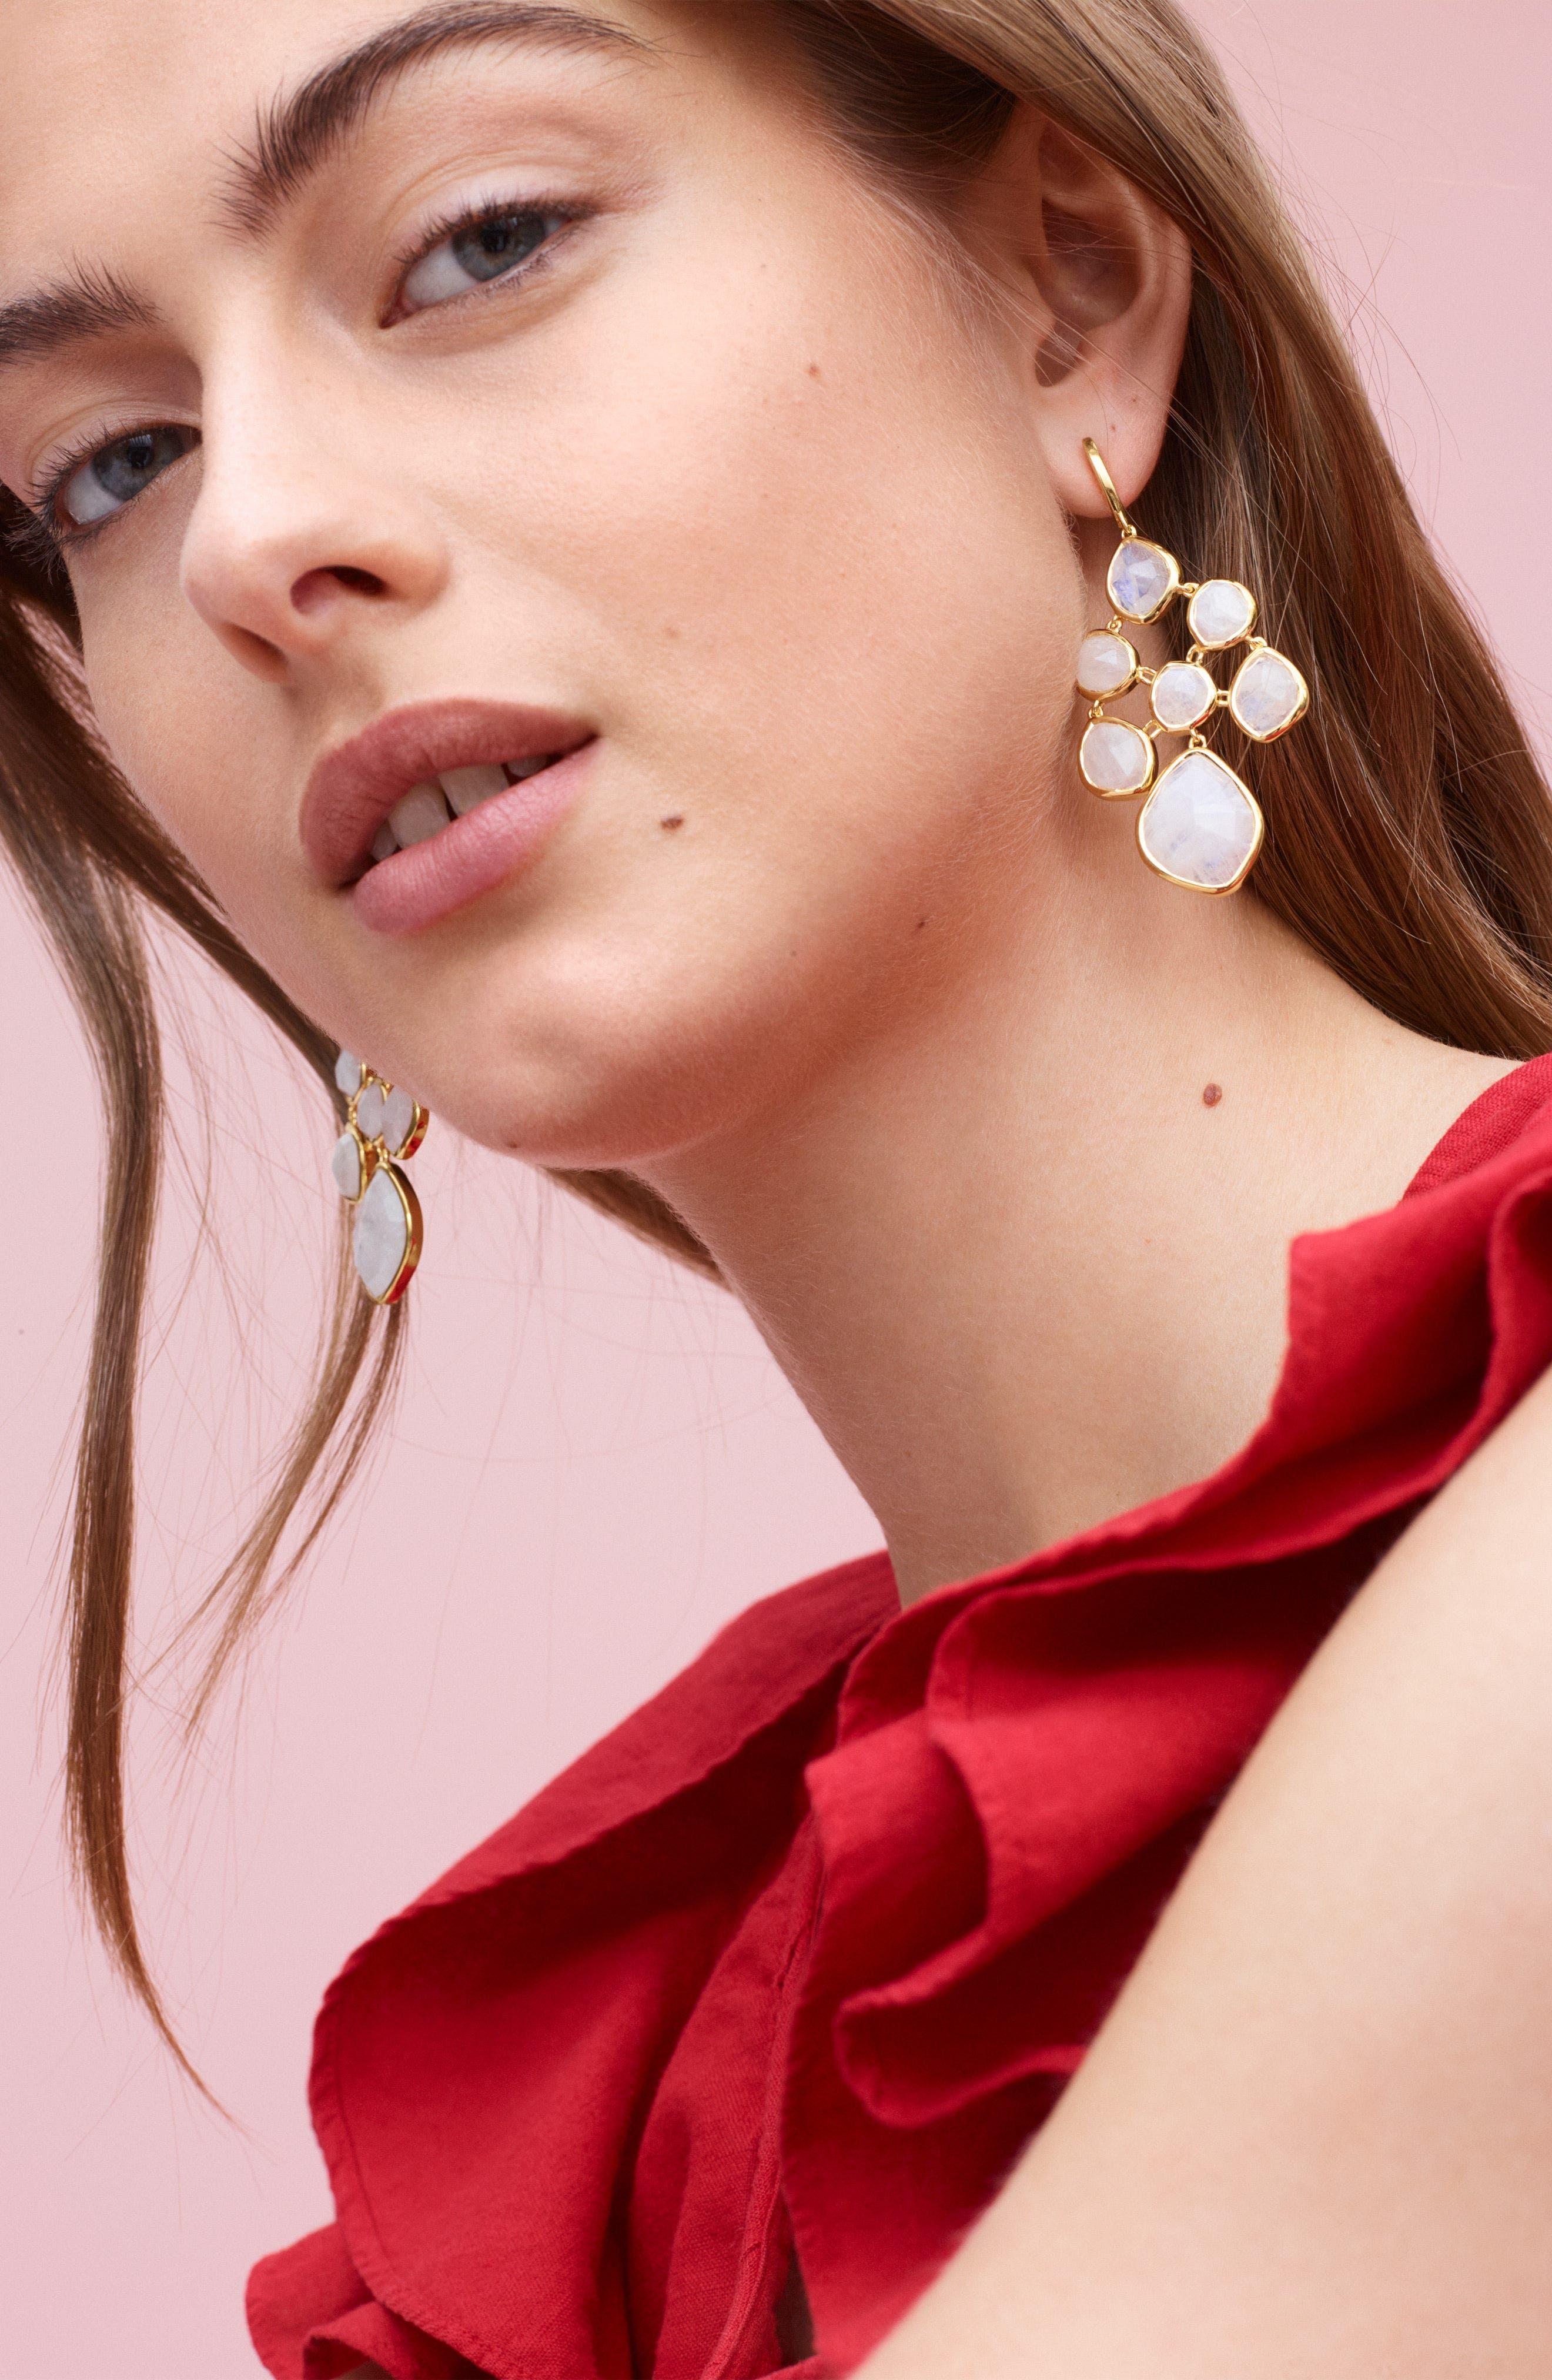 MONICA VINADER, Siren Chandelier Earrings, Alternate thumbnail 2, color, YELLOW GOLD/ MOONSTONE